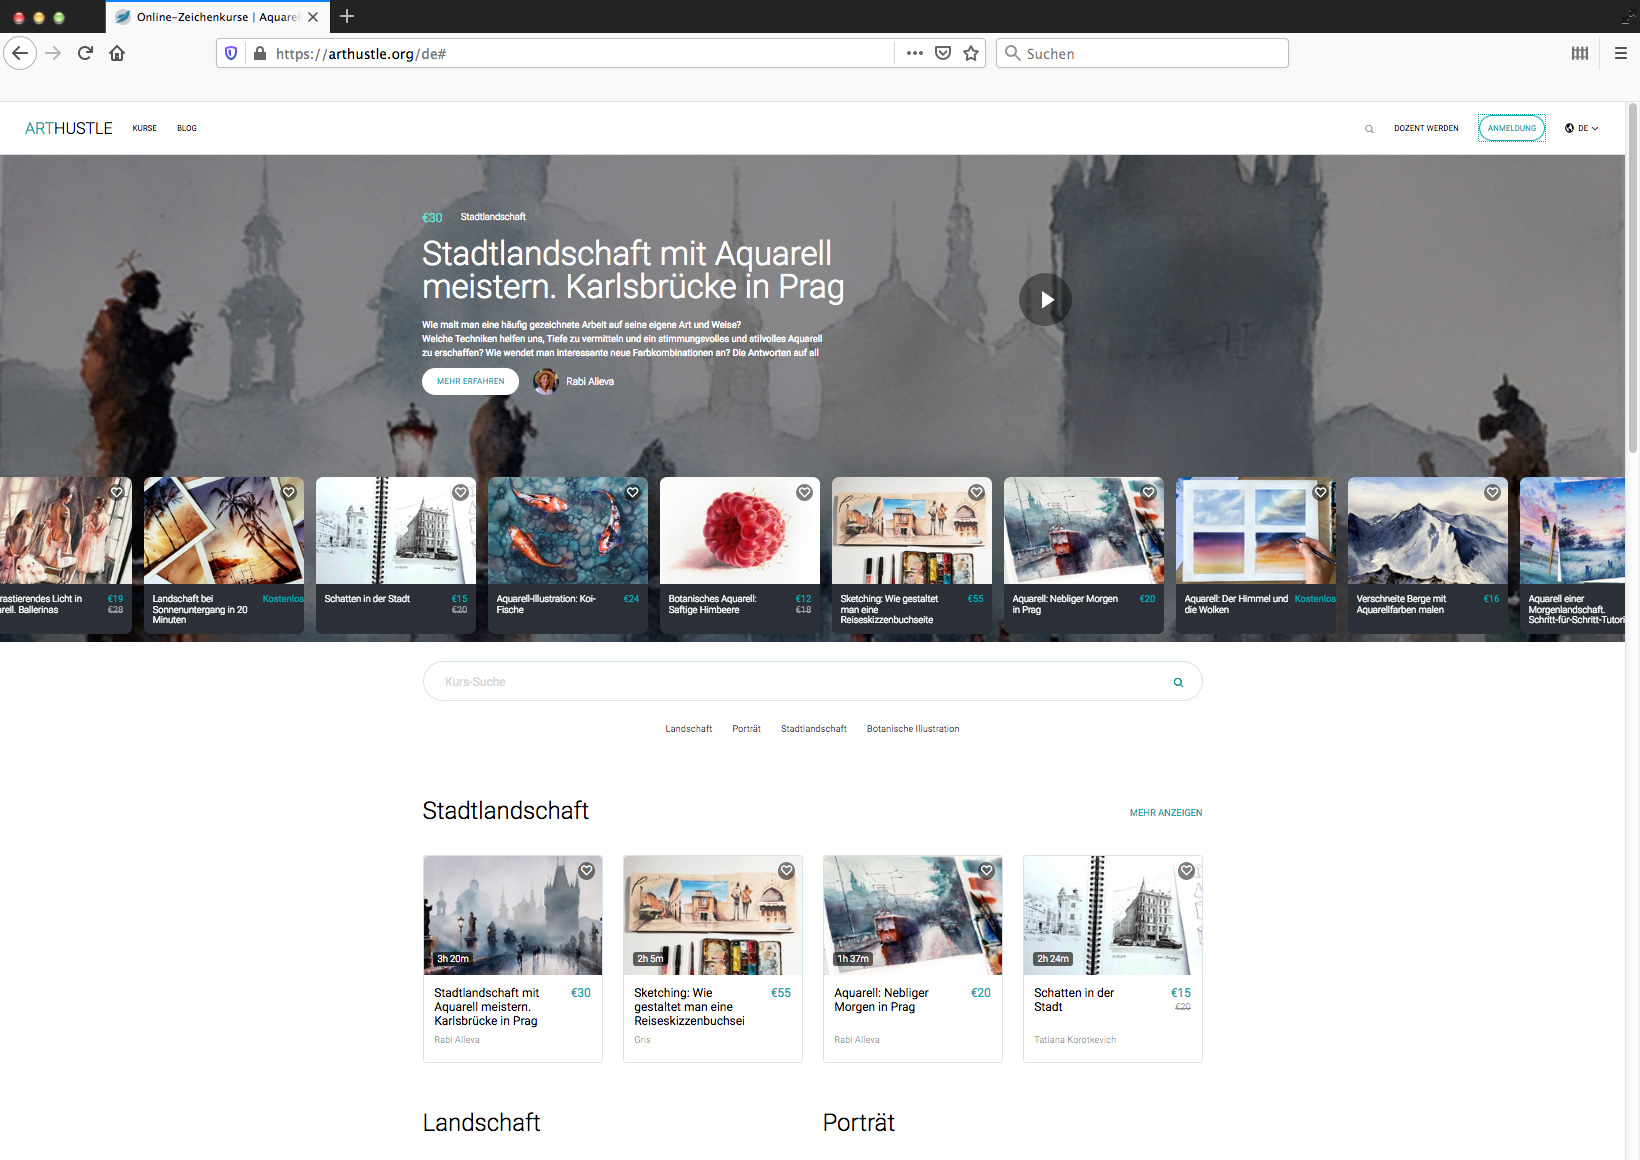 Die Startseite von ArtHustle.org mit einer Übersicht der aktuellen Videotutorials